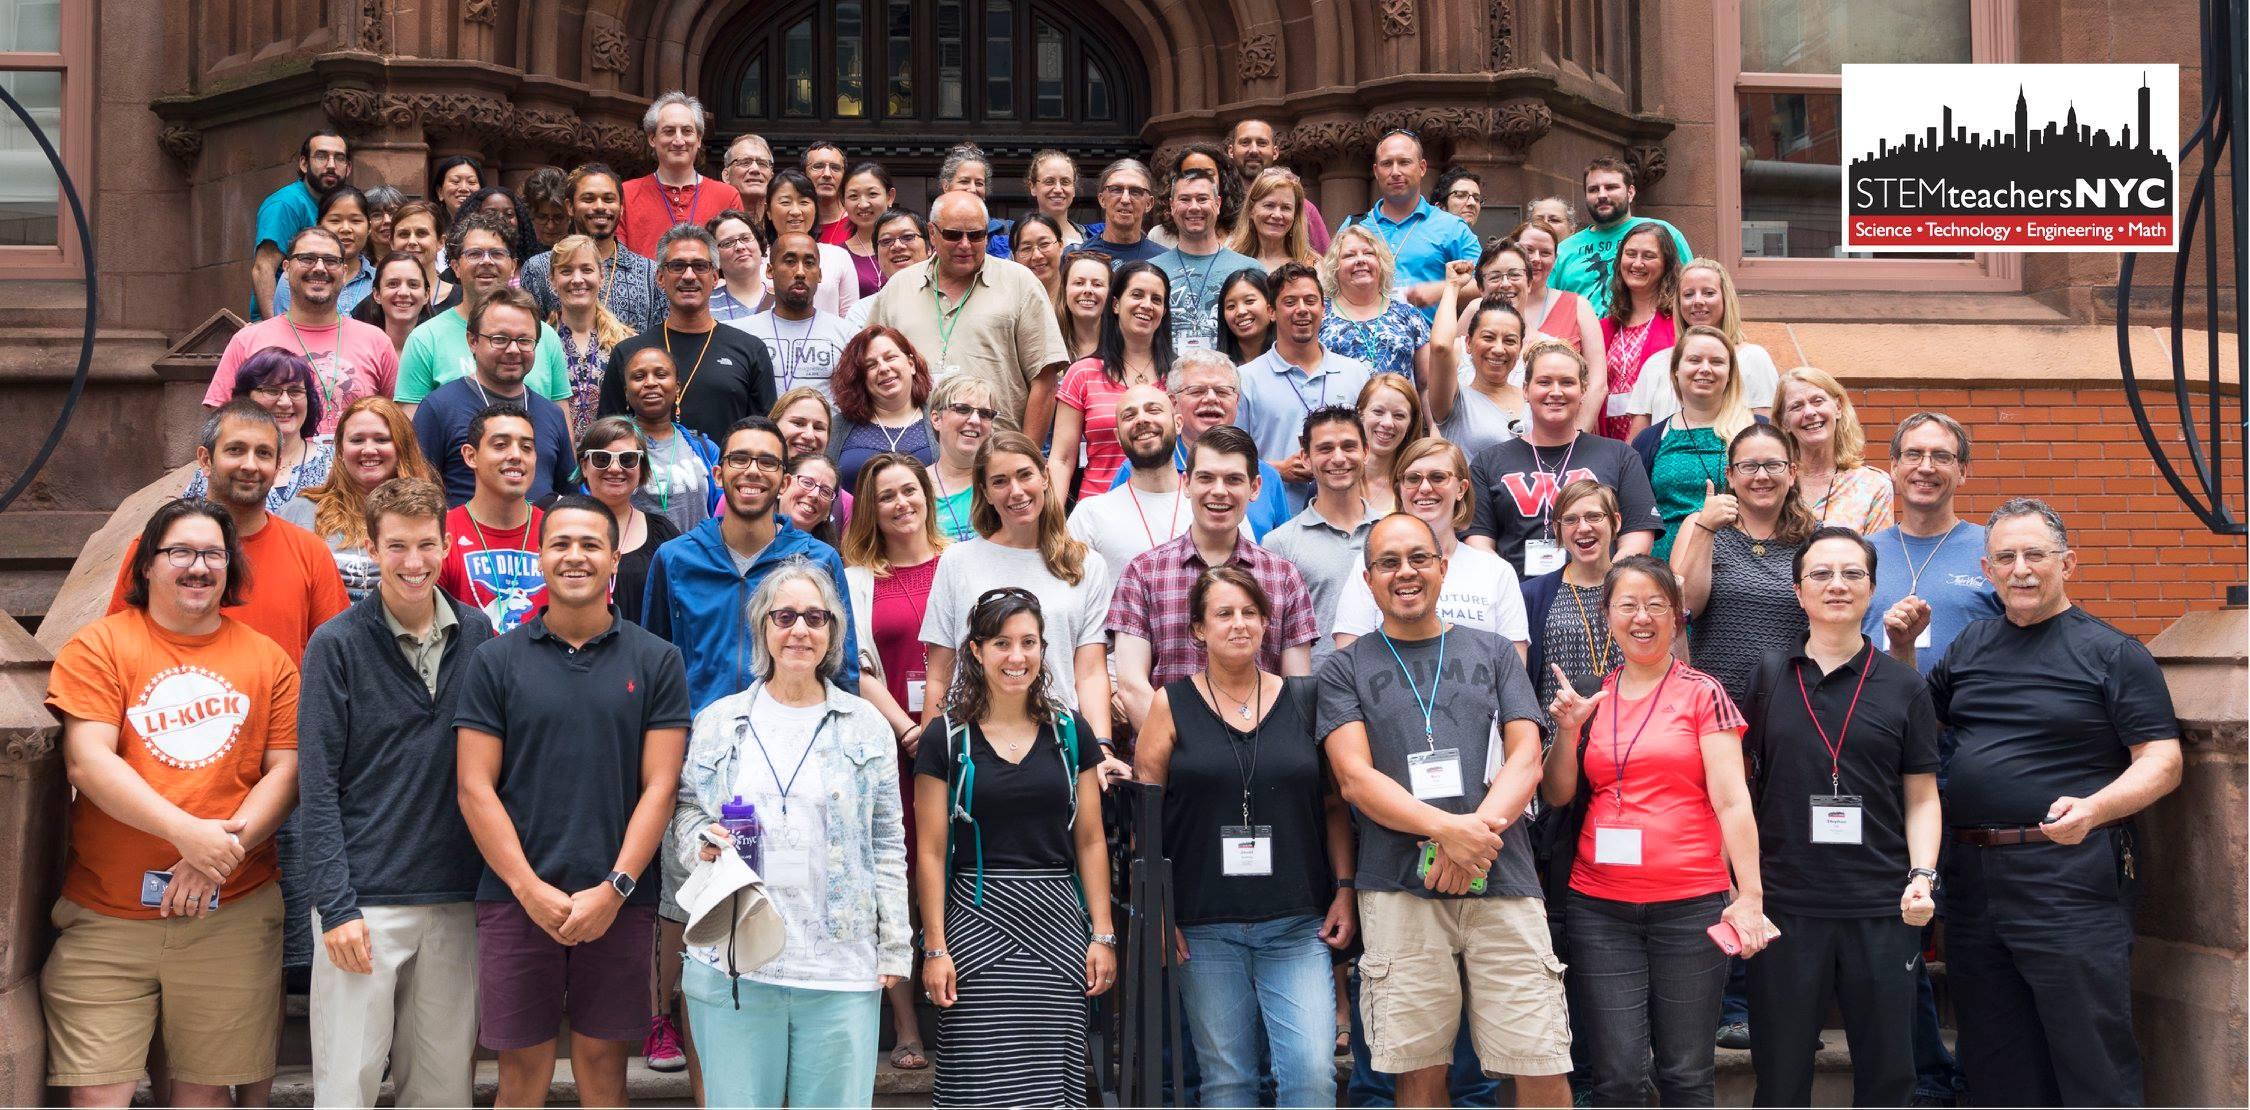 STEMteachersNYC is Hiring a Program Manager